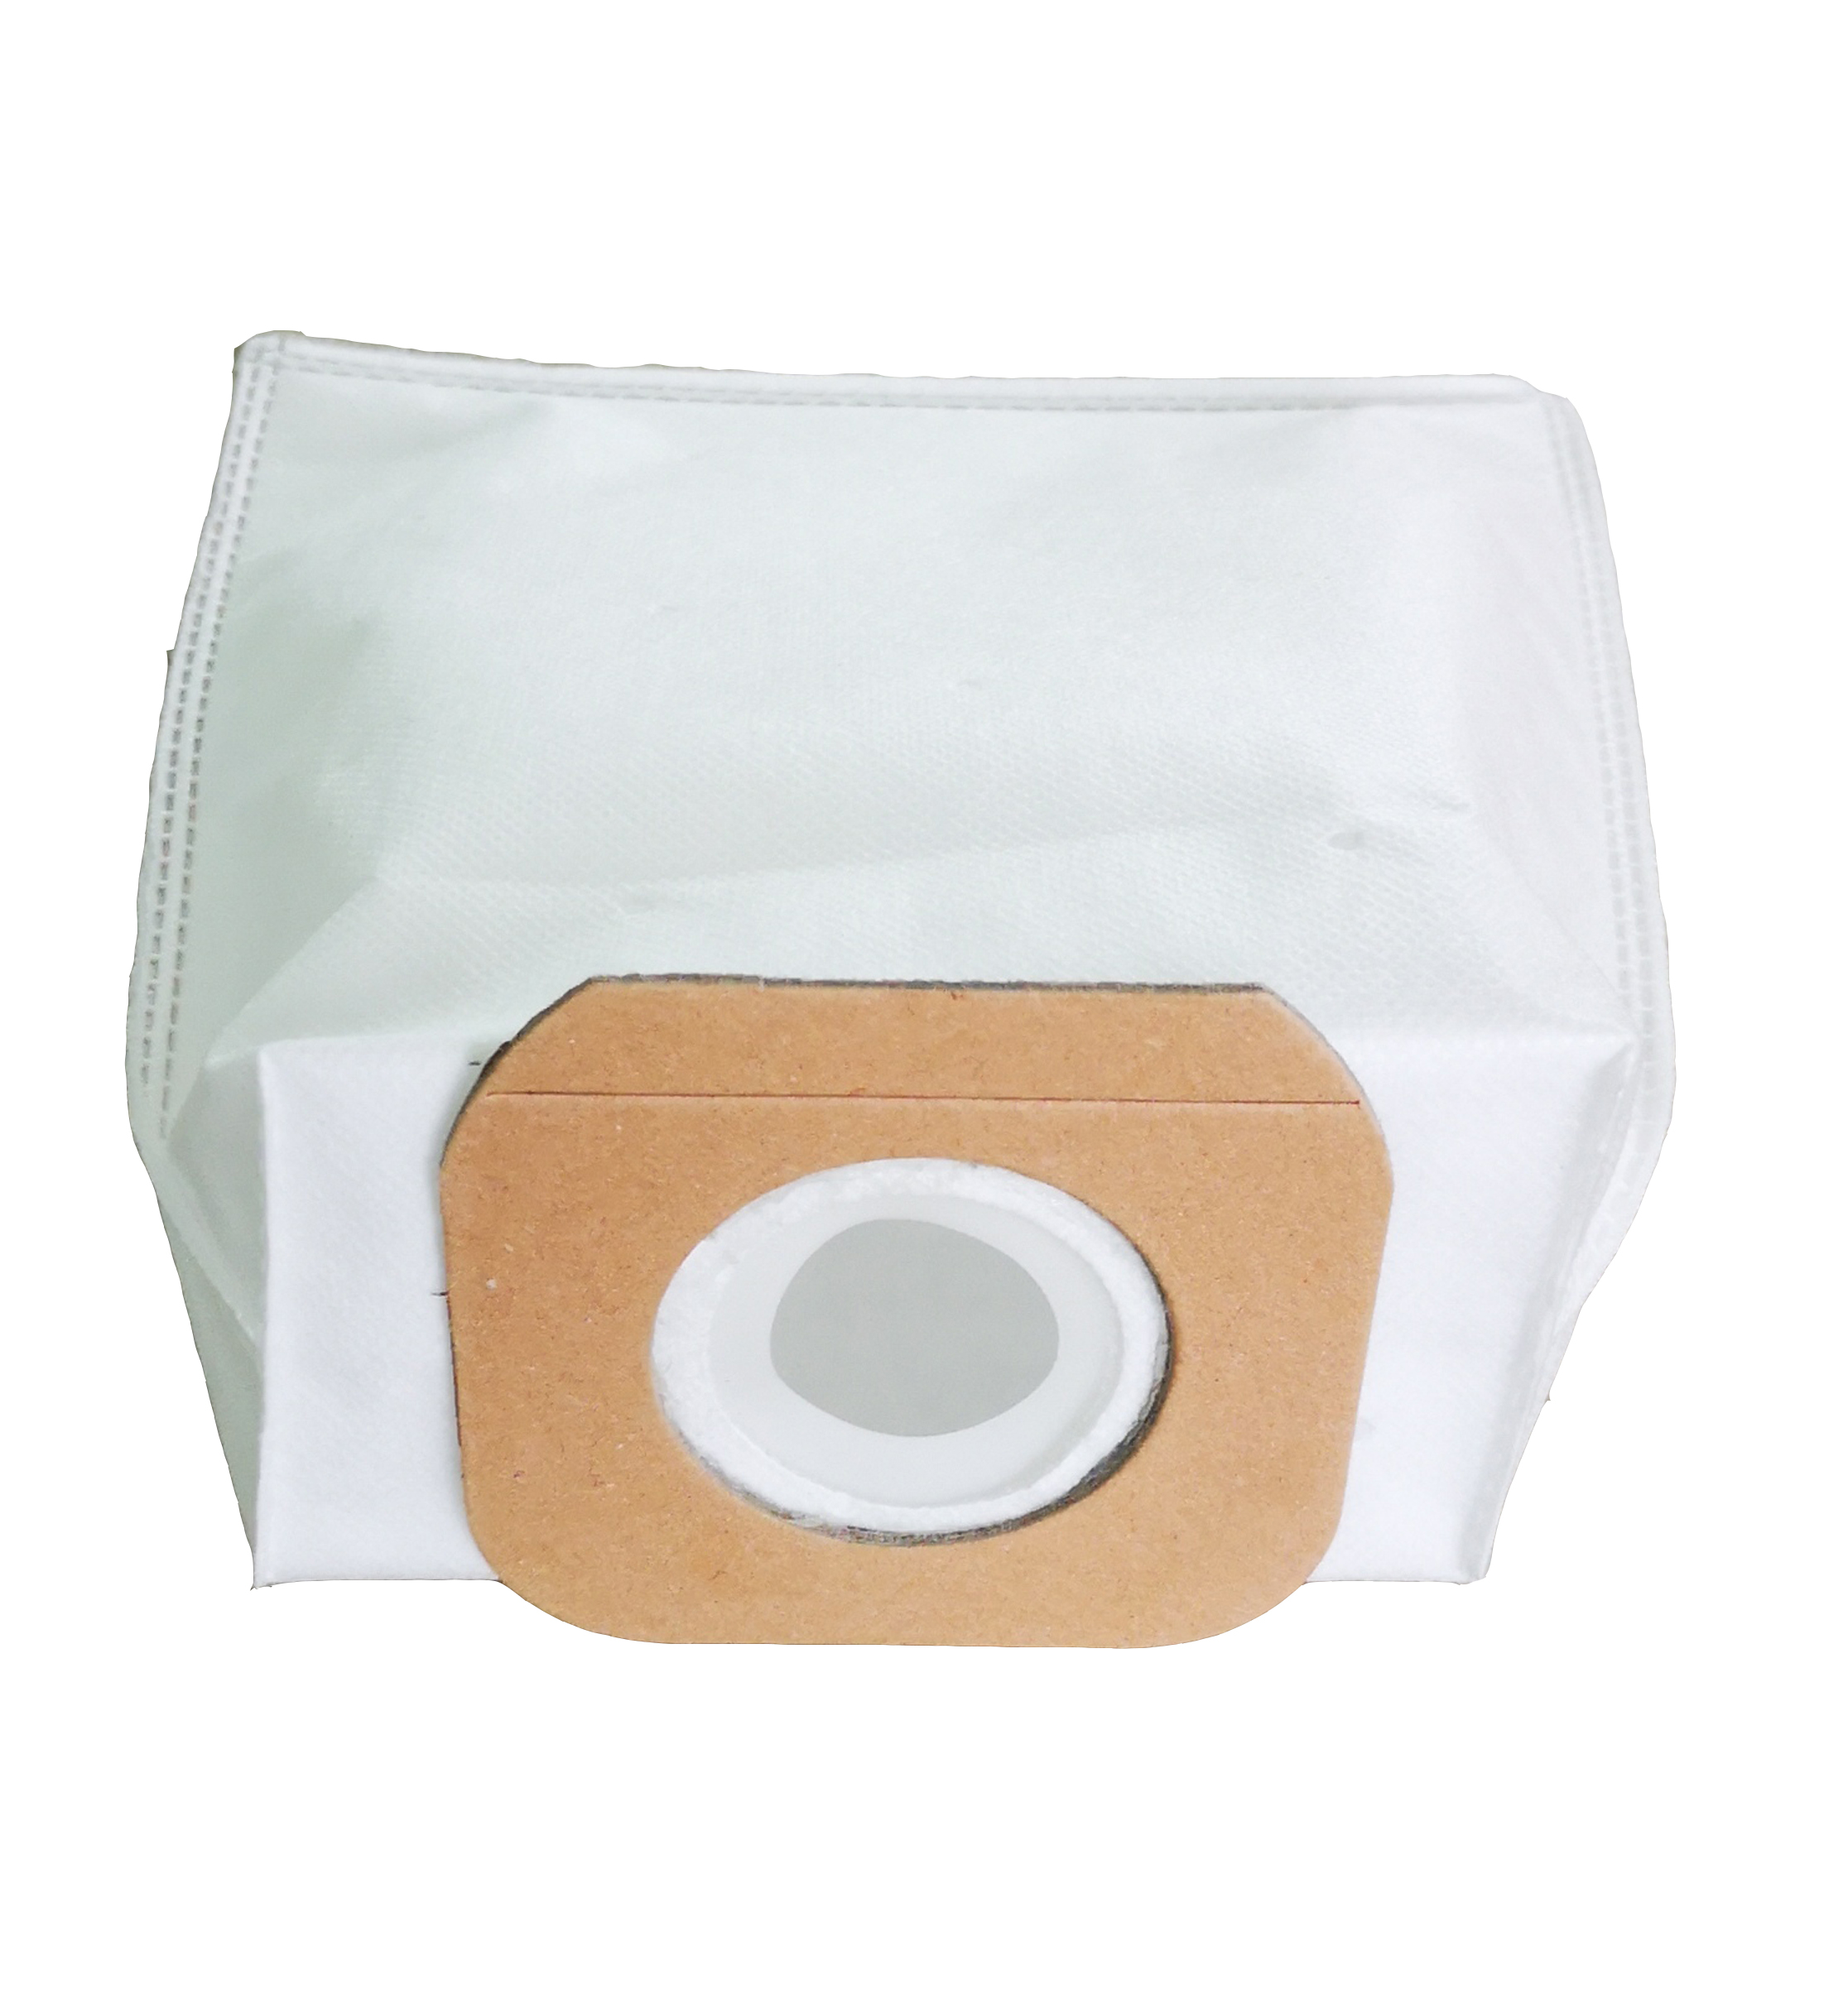 H250K 8 sacchetti filtro sacco busta in carta per aspirapolvere Hoover H32